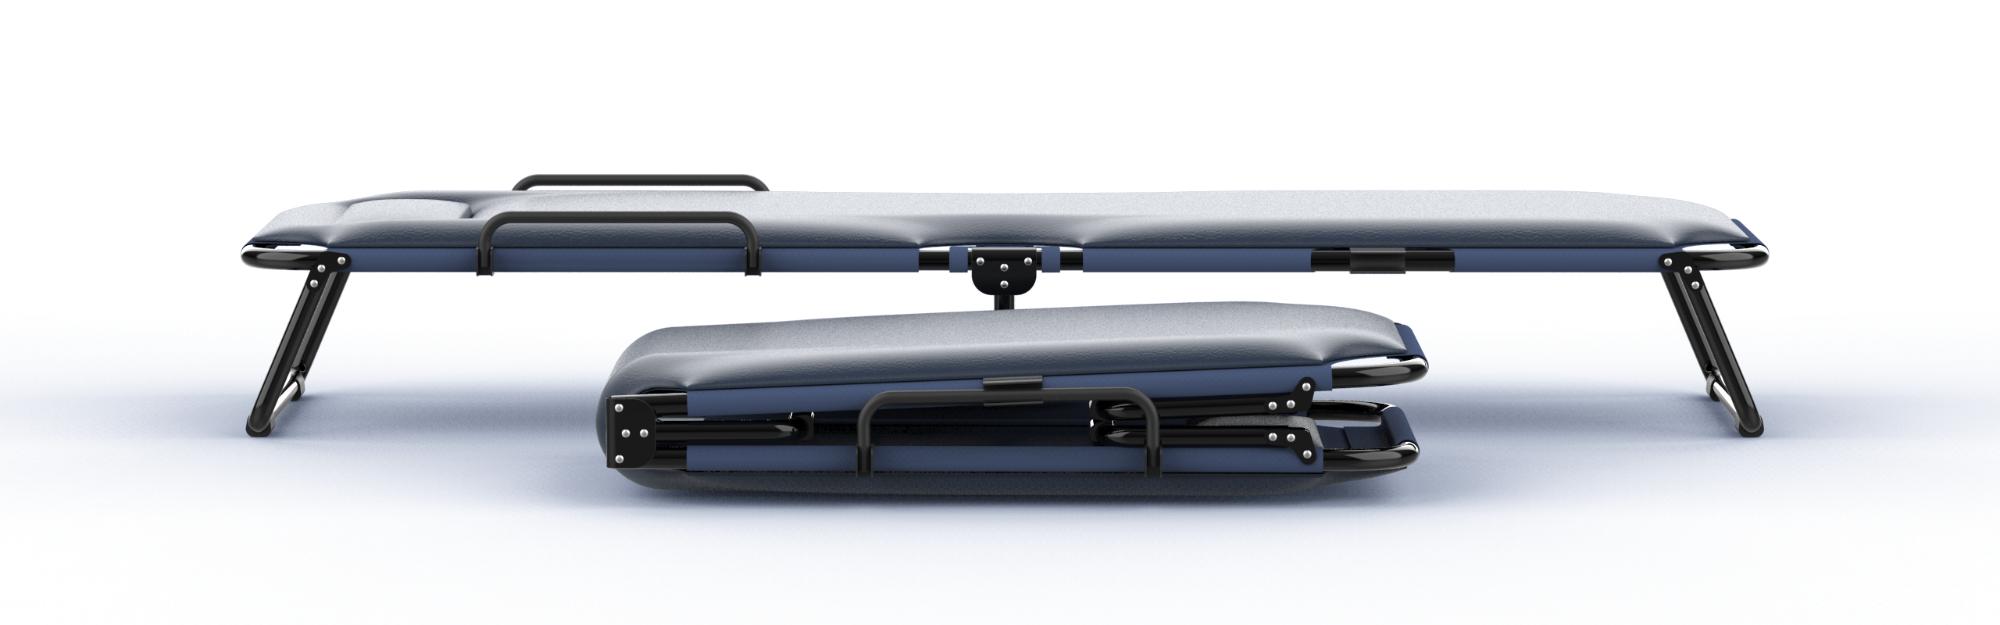 折叠床设计 文创类产品设计 外观创新设计 产品设计